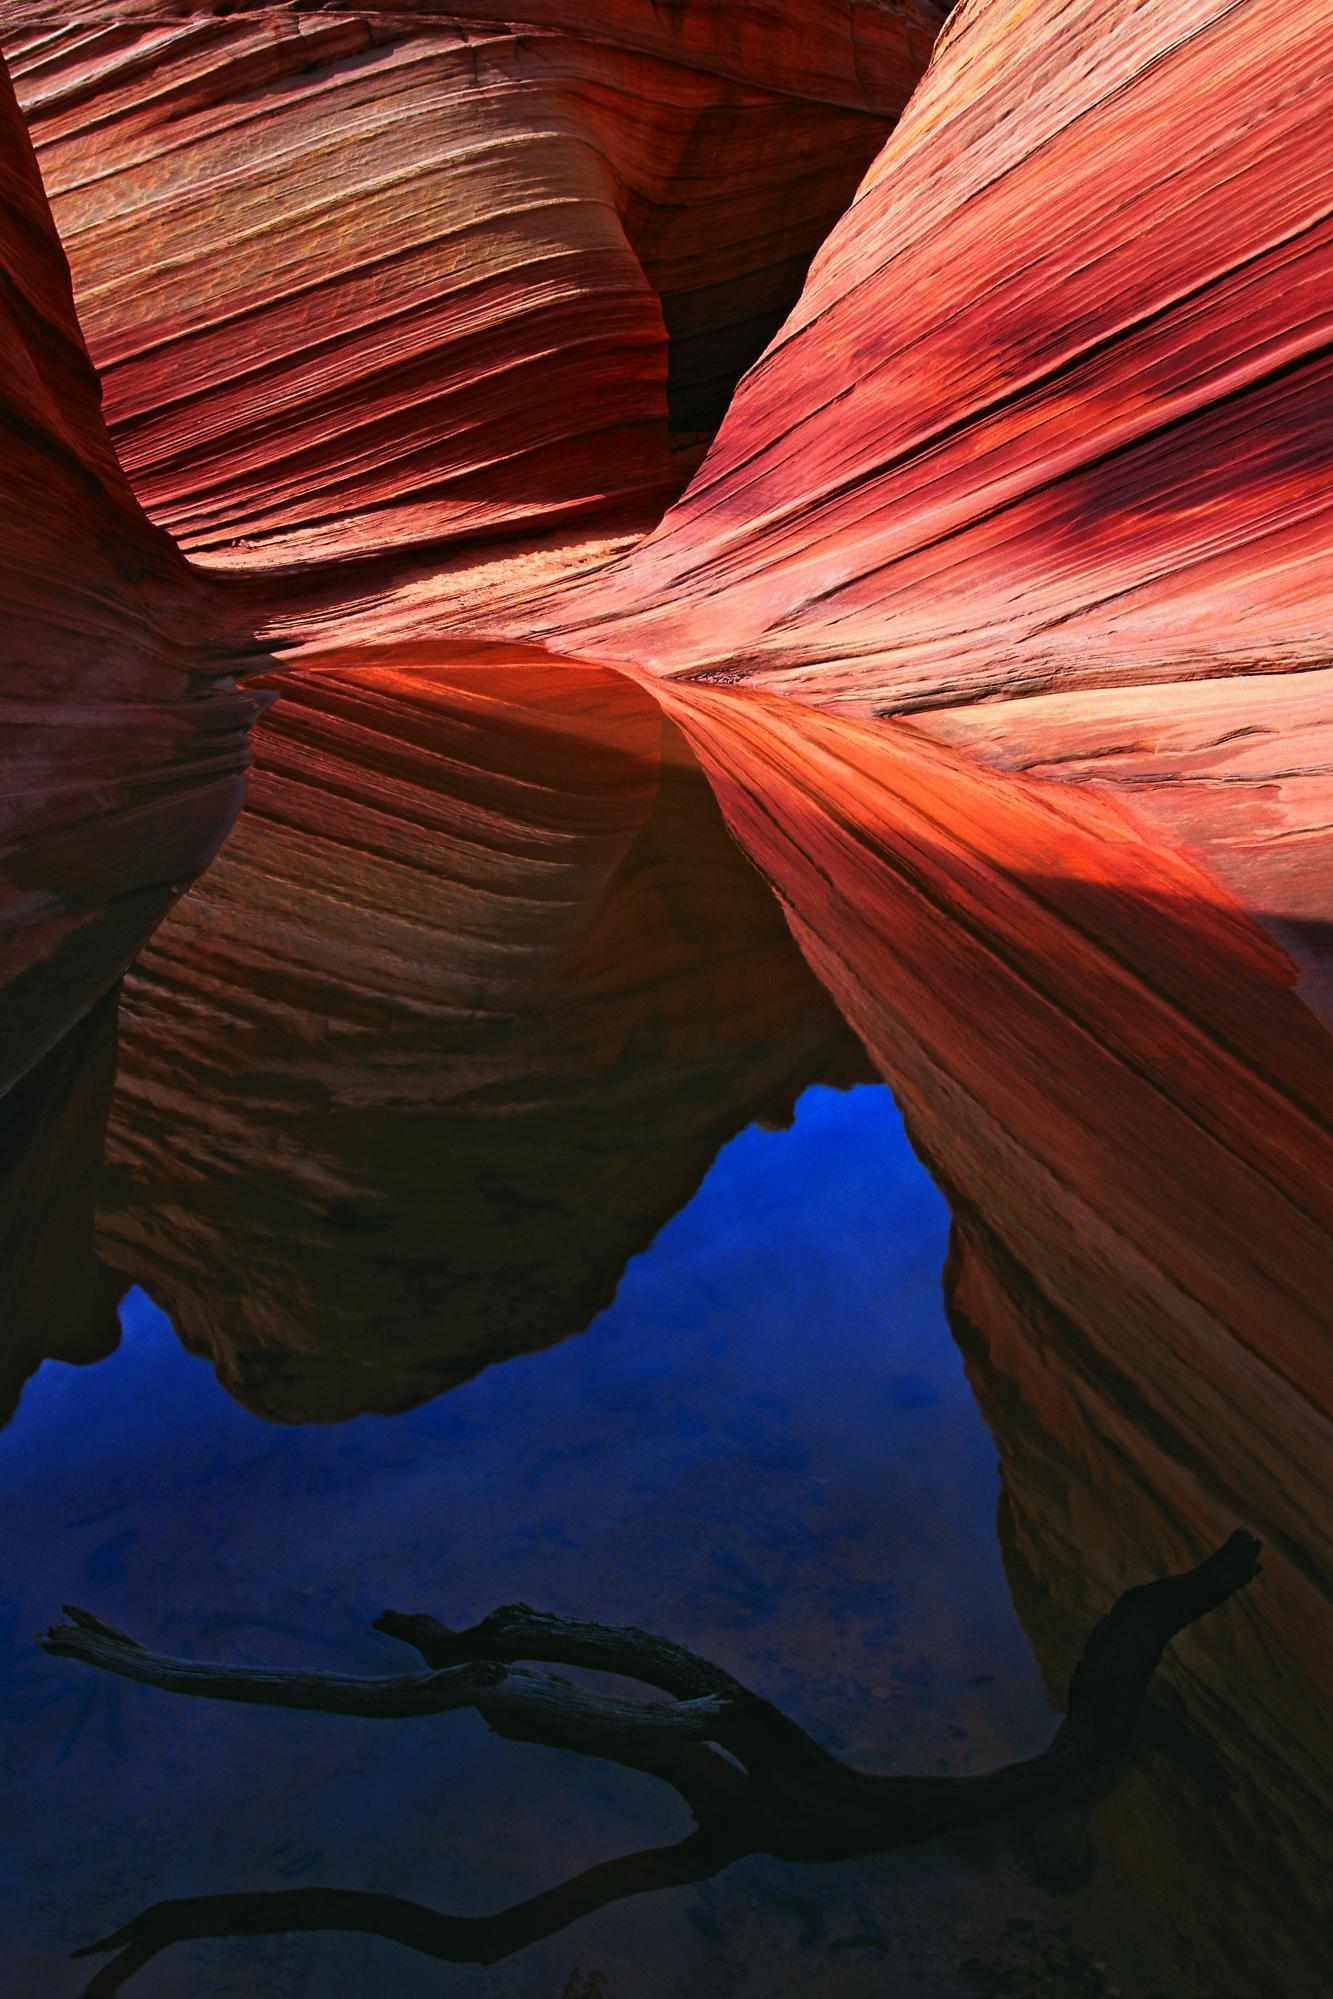 国际资讯_Adam Jones漂亮的自然风光摄影作品 - 设计之家